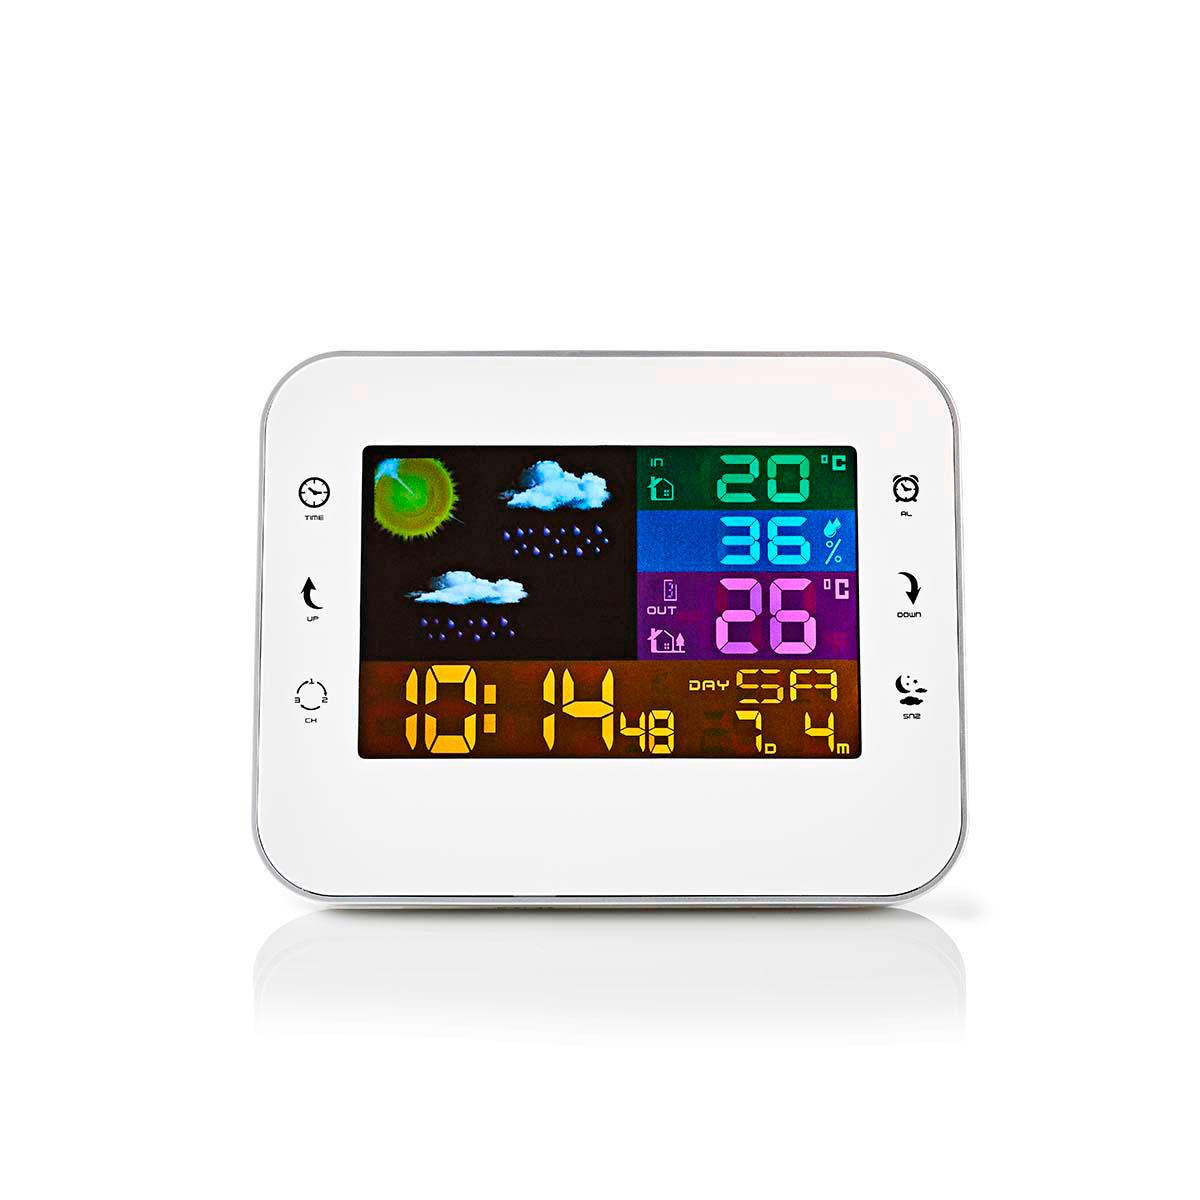 Vejrstation m vækkeur (sensor) Hvid - Køb Nedis hos avXperten.dk dad49568e1f0a